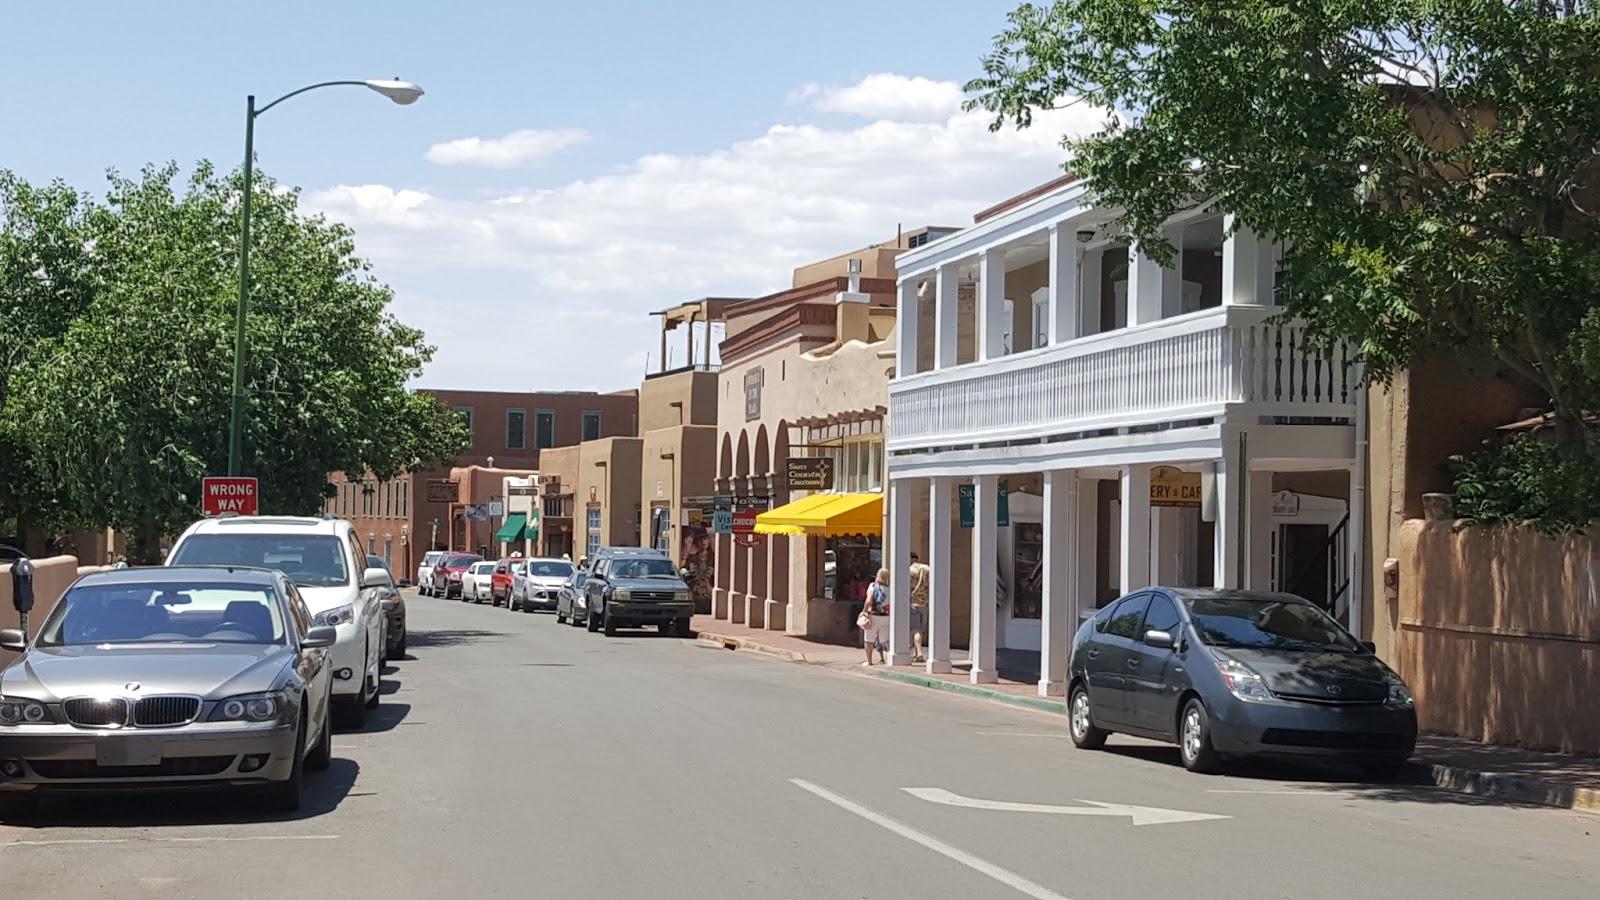 Old Town Santa Fe >> Incargonito Old Town Santa Fe New Mexico